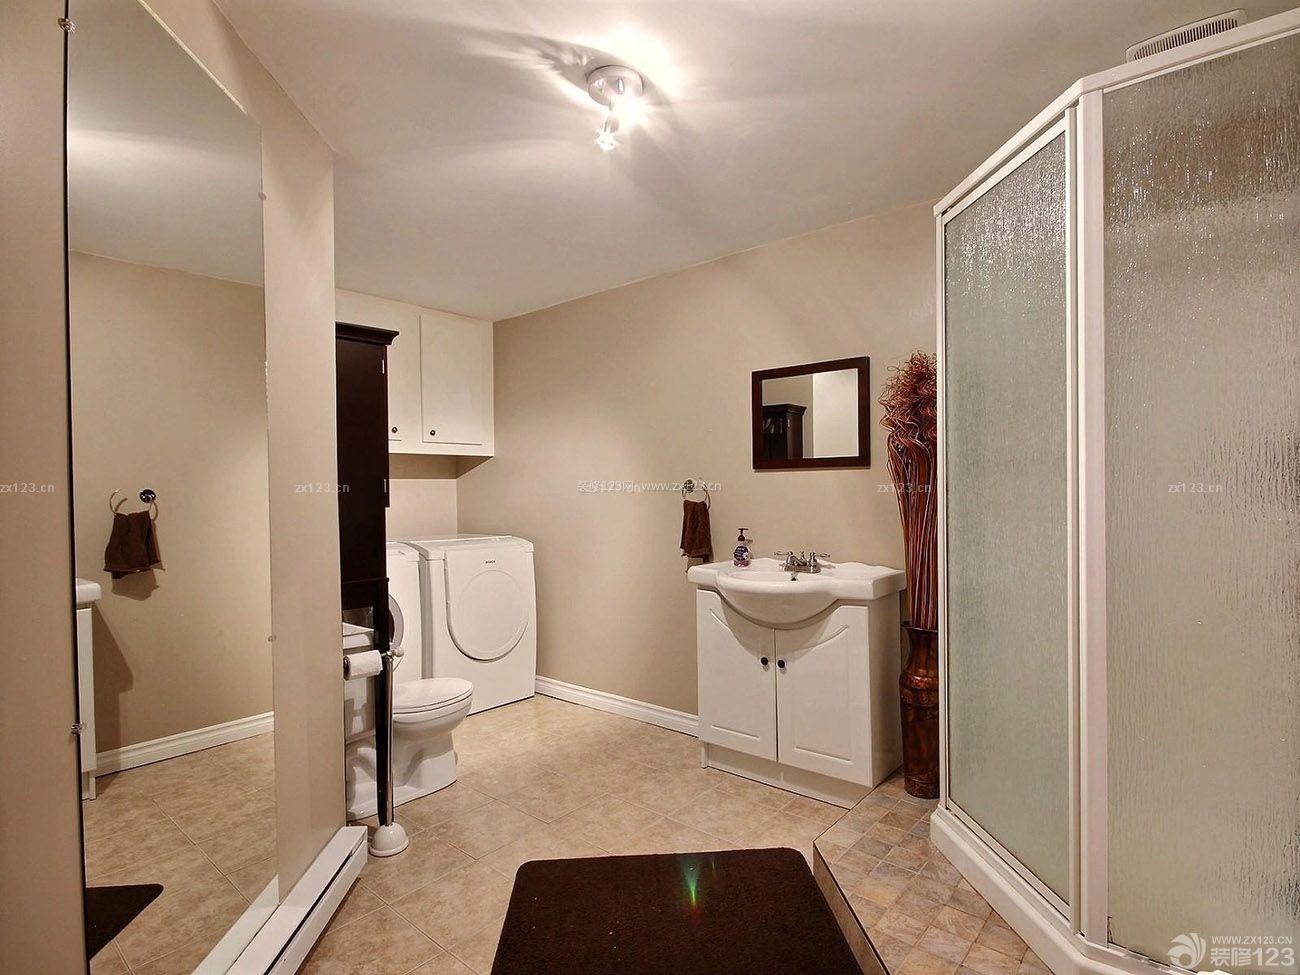 农村别墅室内卫生间浴室设计装修图